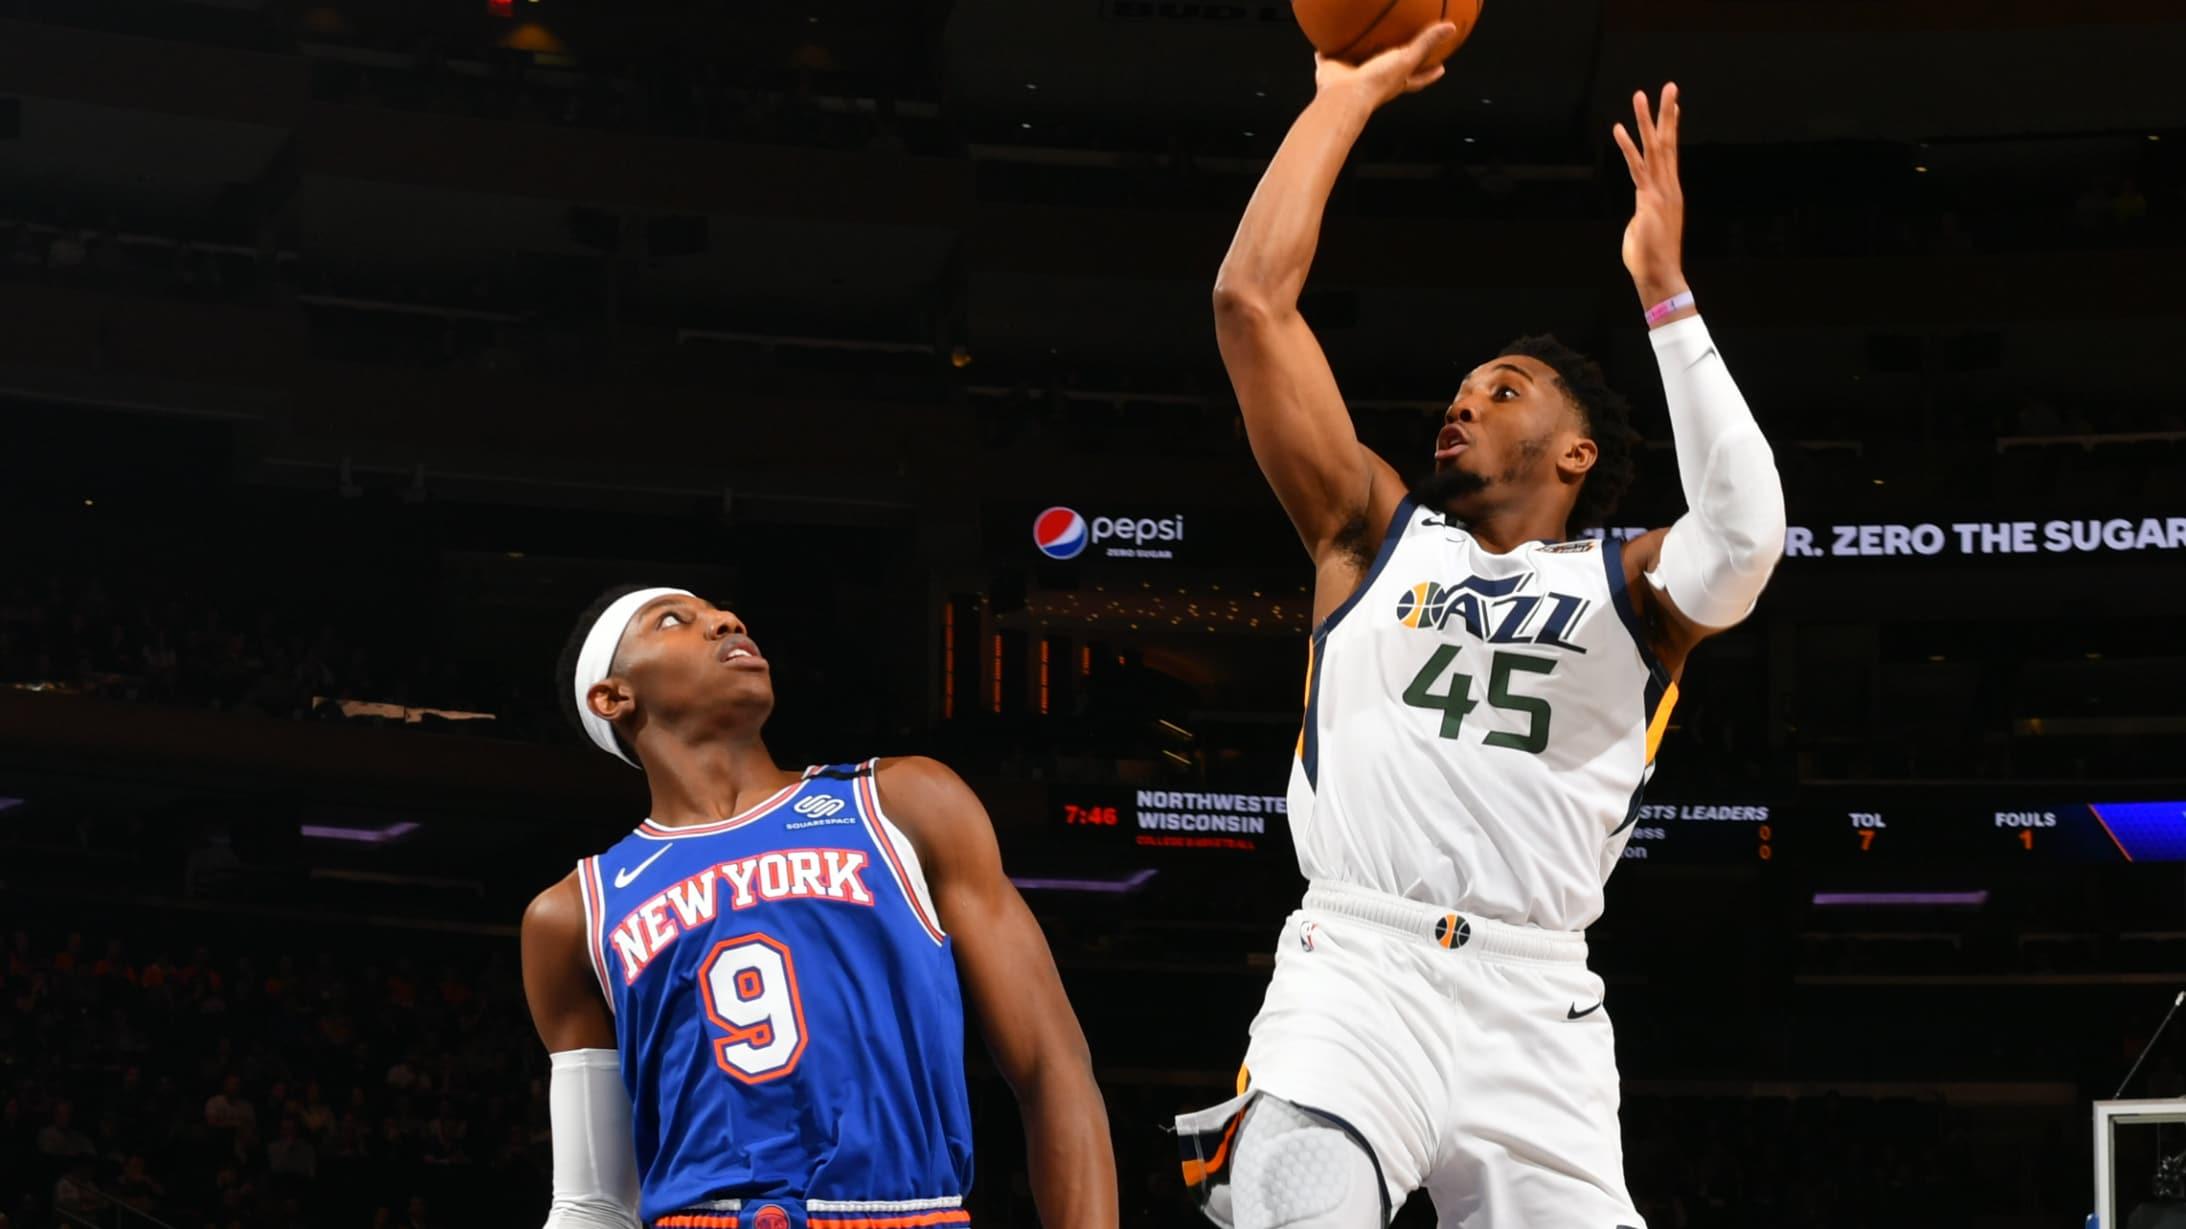 Jazz @ Knicks